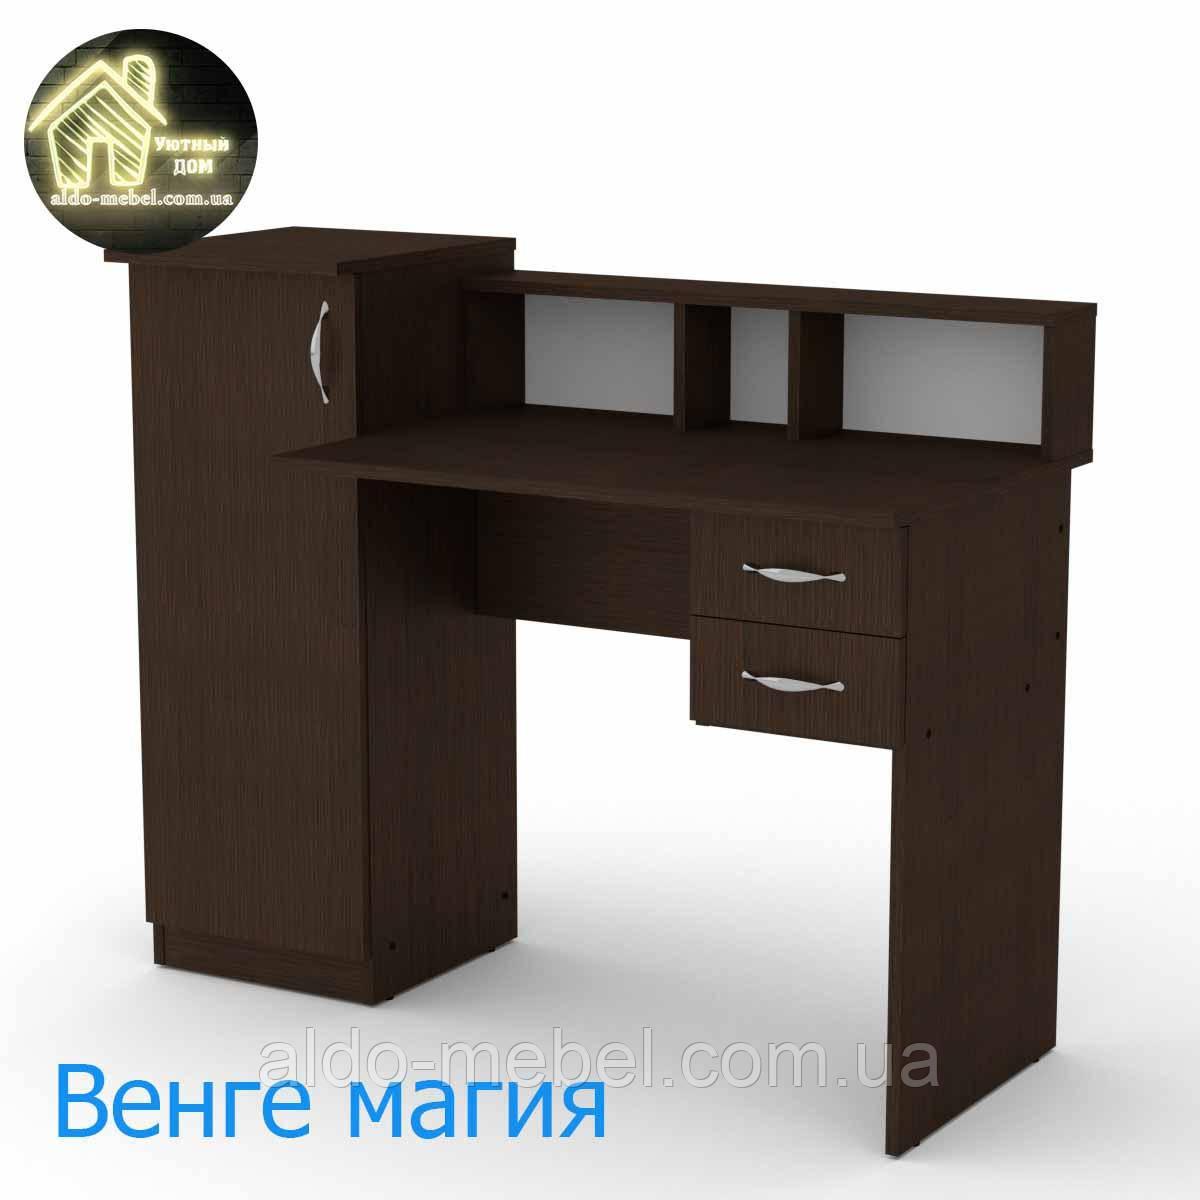 Стол письменный Пи - Пи - 1 (Компанит)